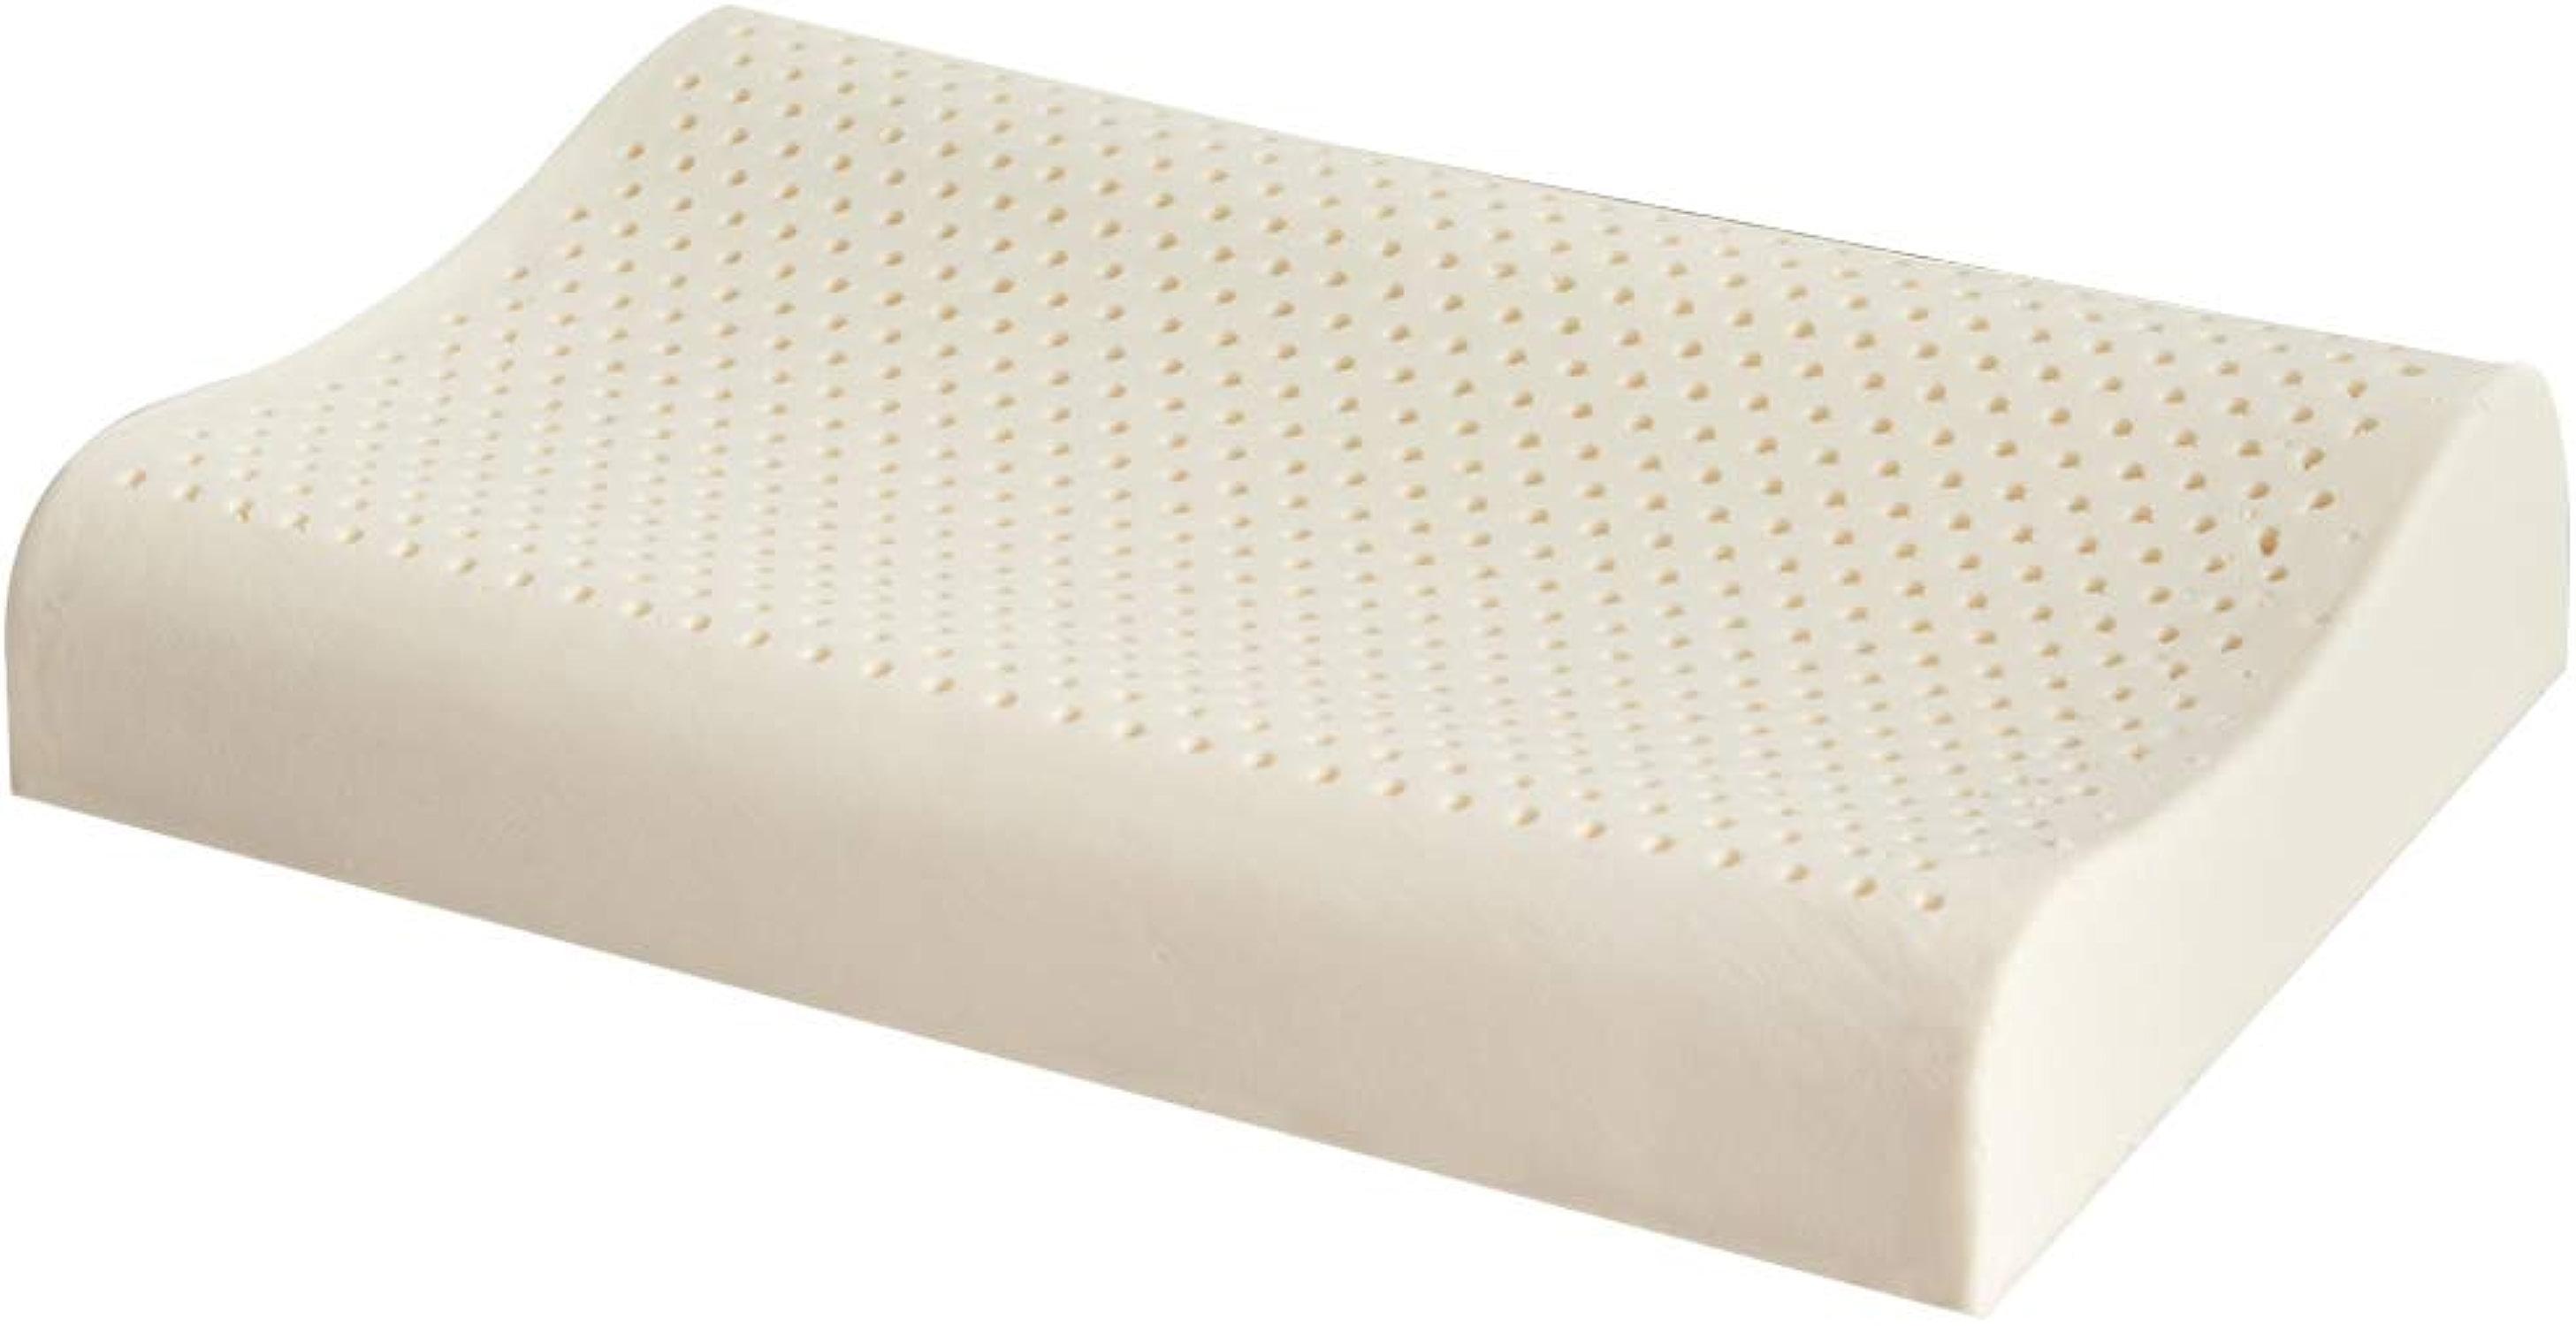 Panon Oreiller de lit en Latex Naturel, Motif Massage Cervical pour soulager la Douleur et Le Cou avec Fermeture éclair Lavable Housse Amovible 60 x 37 cm